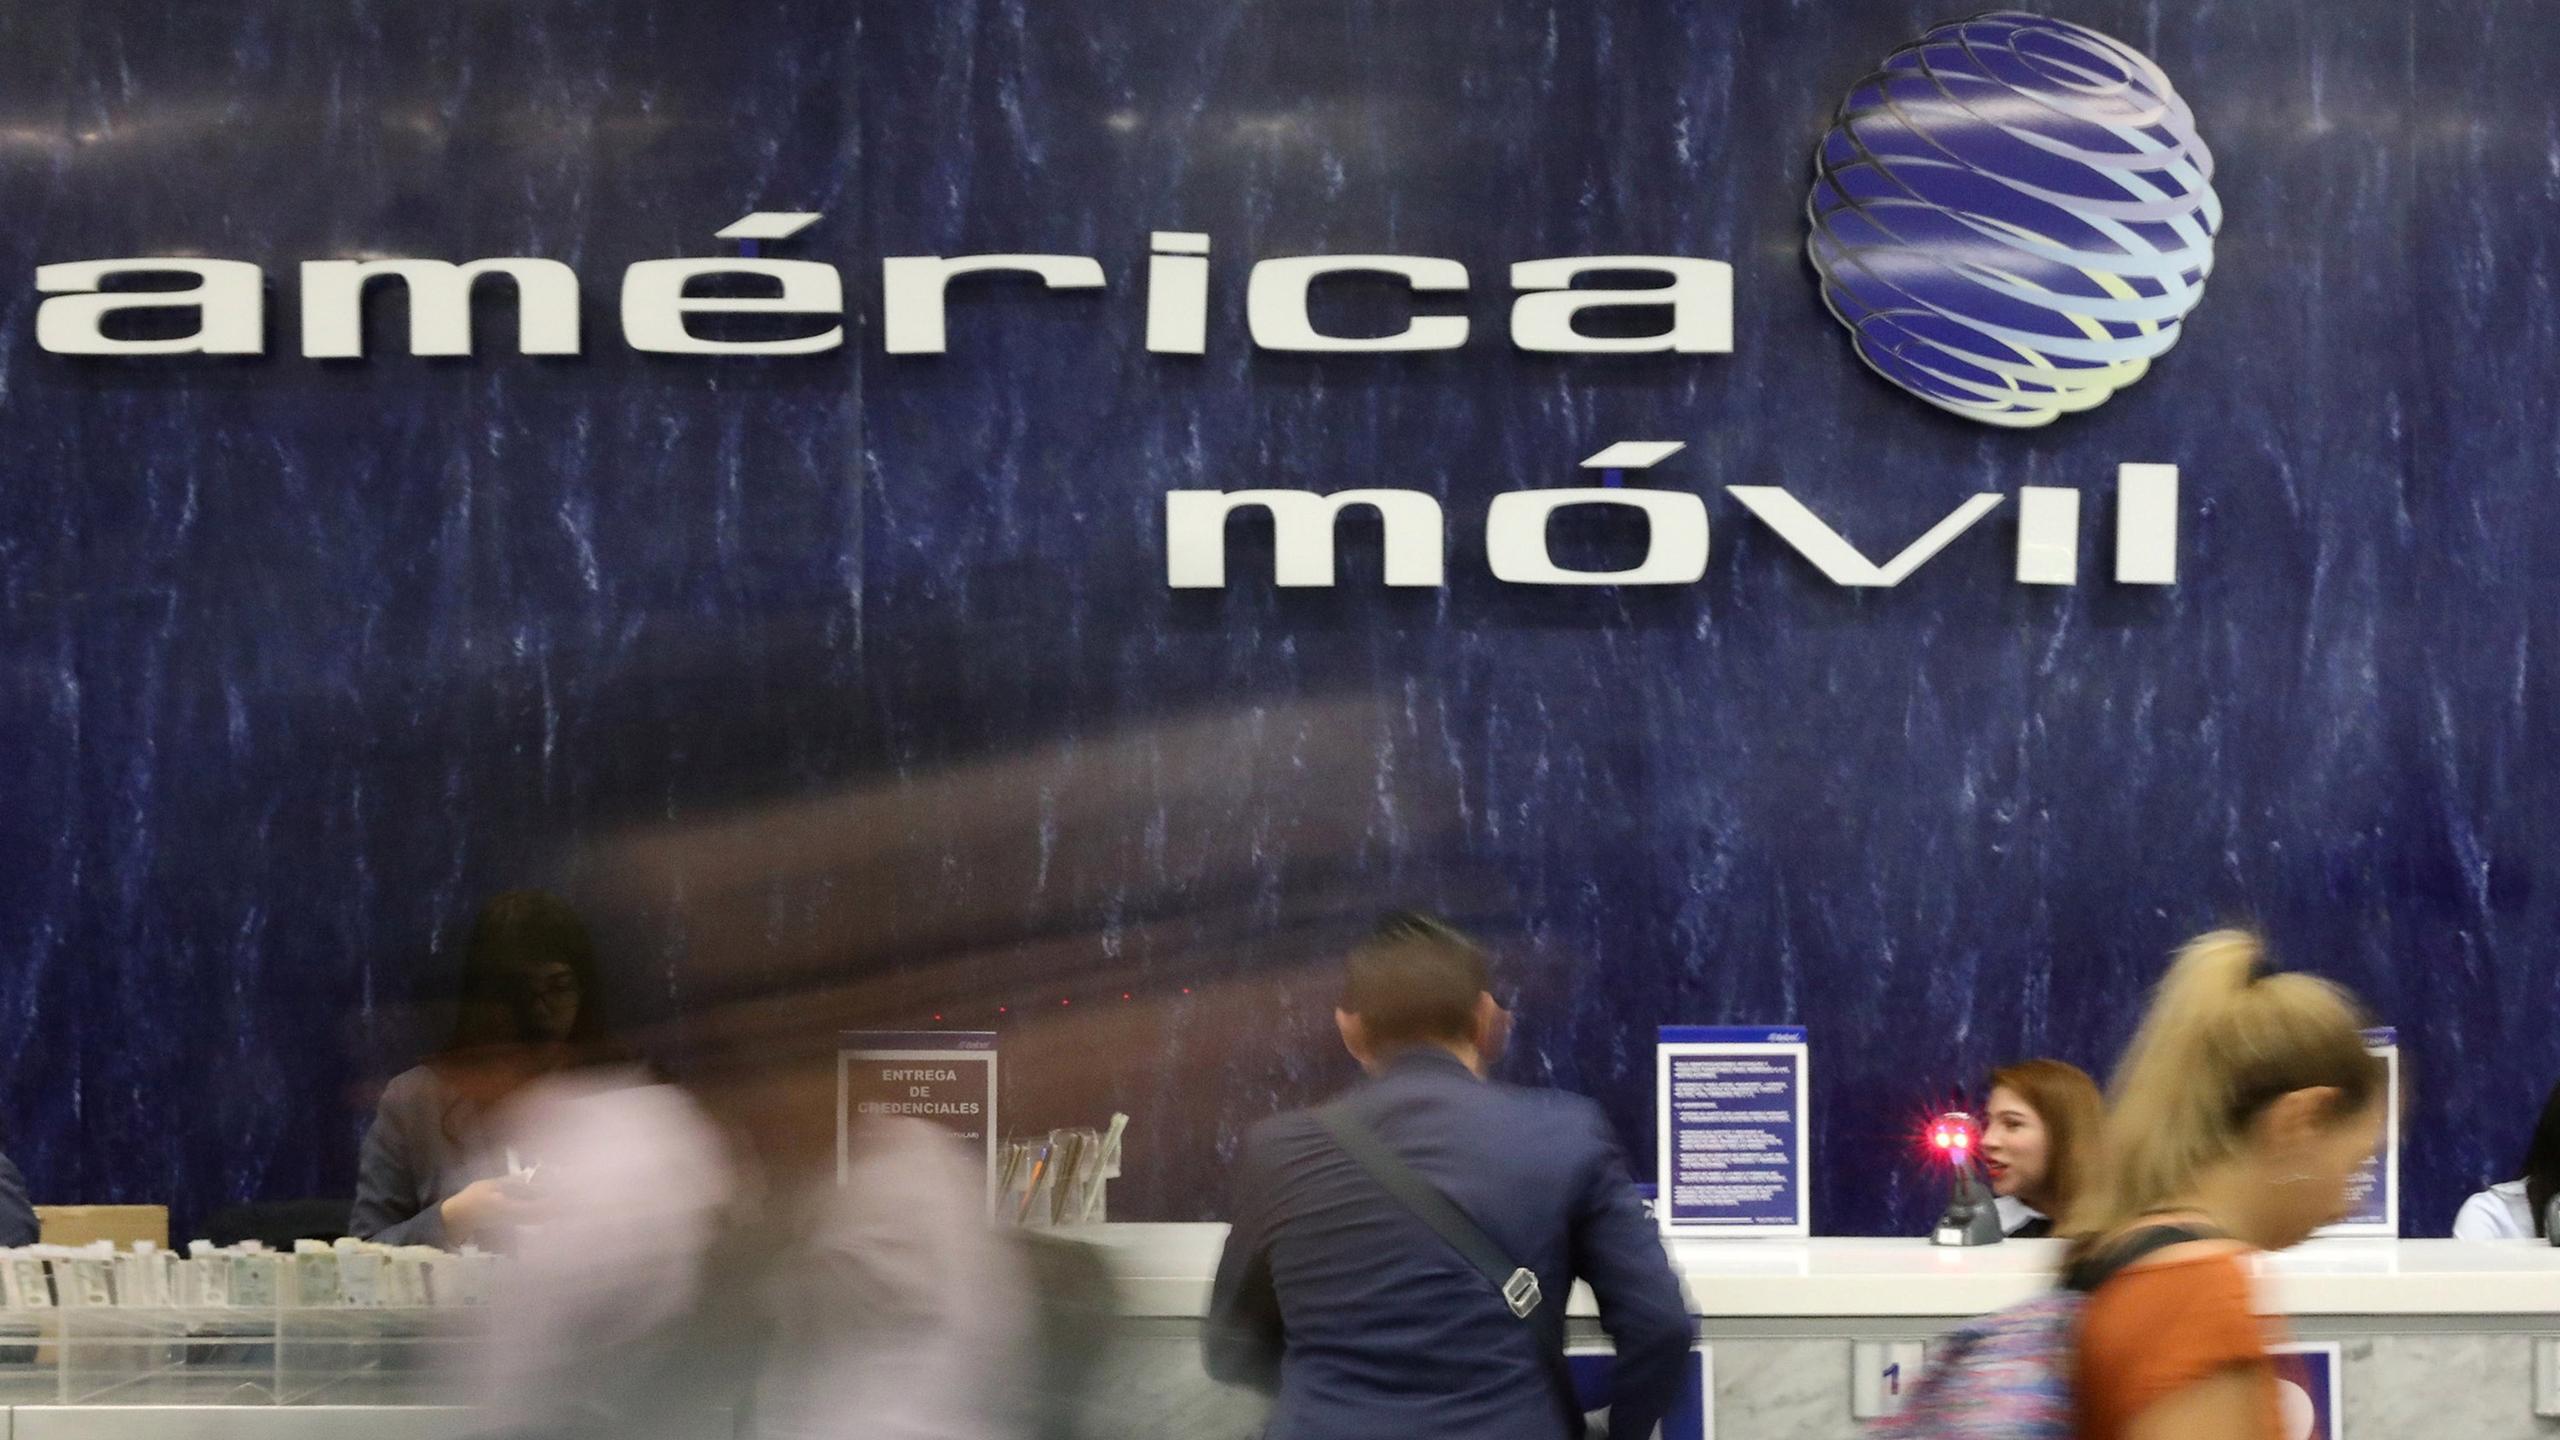 Utilidad neta de América Móvil aumenta 3.6% en el 1T19